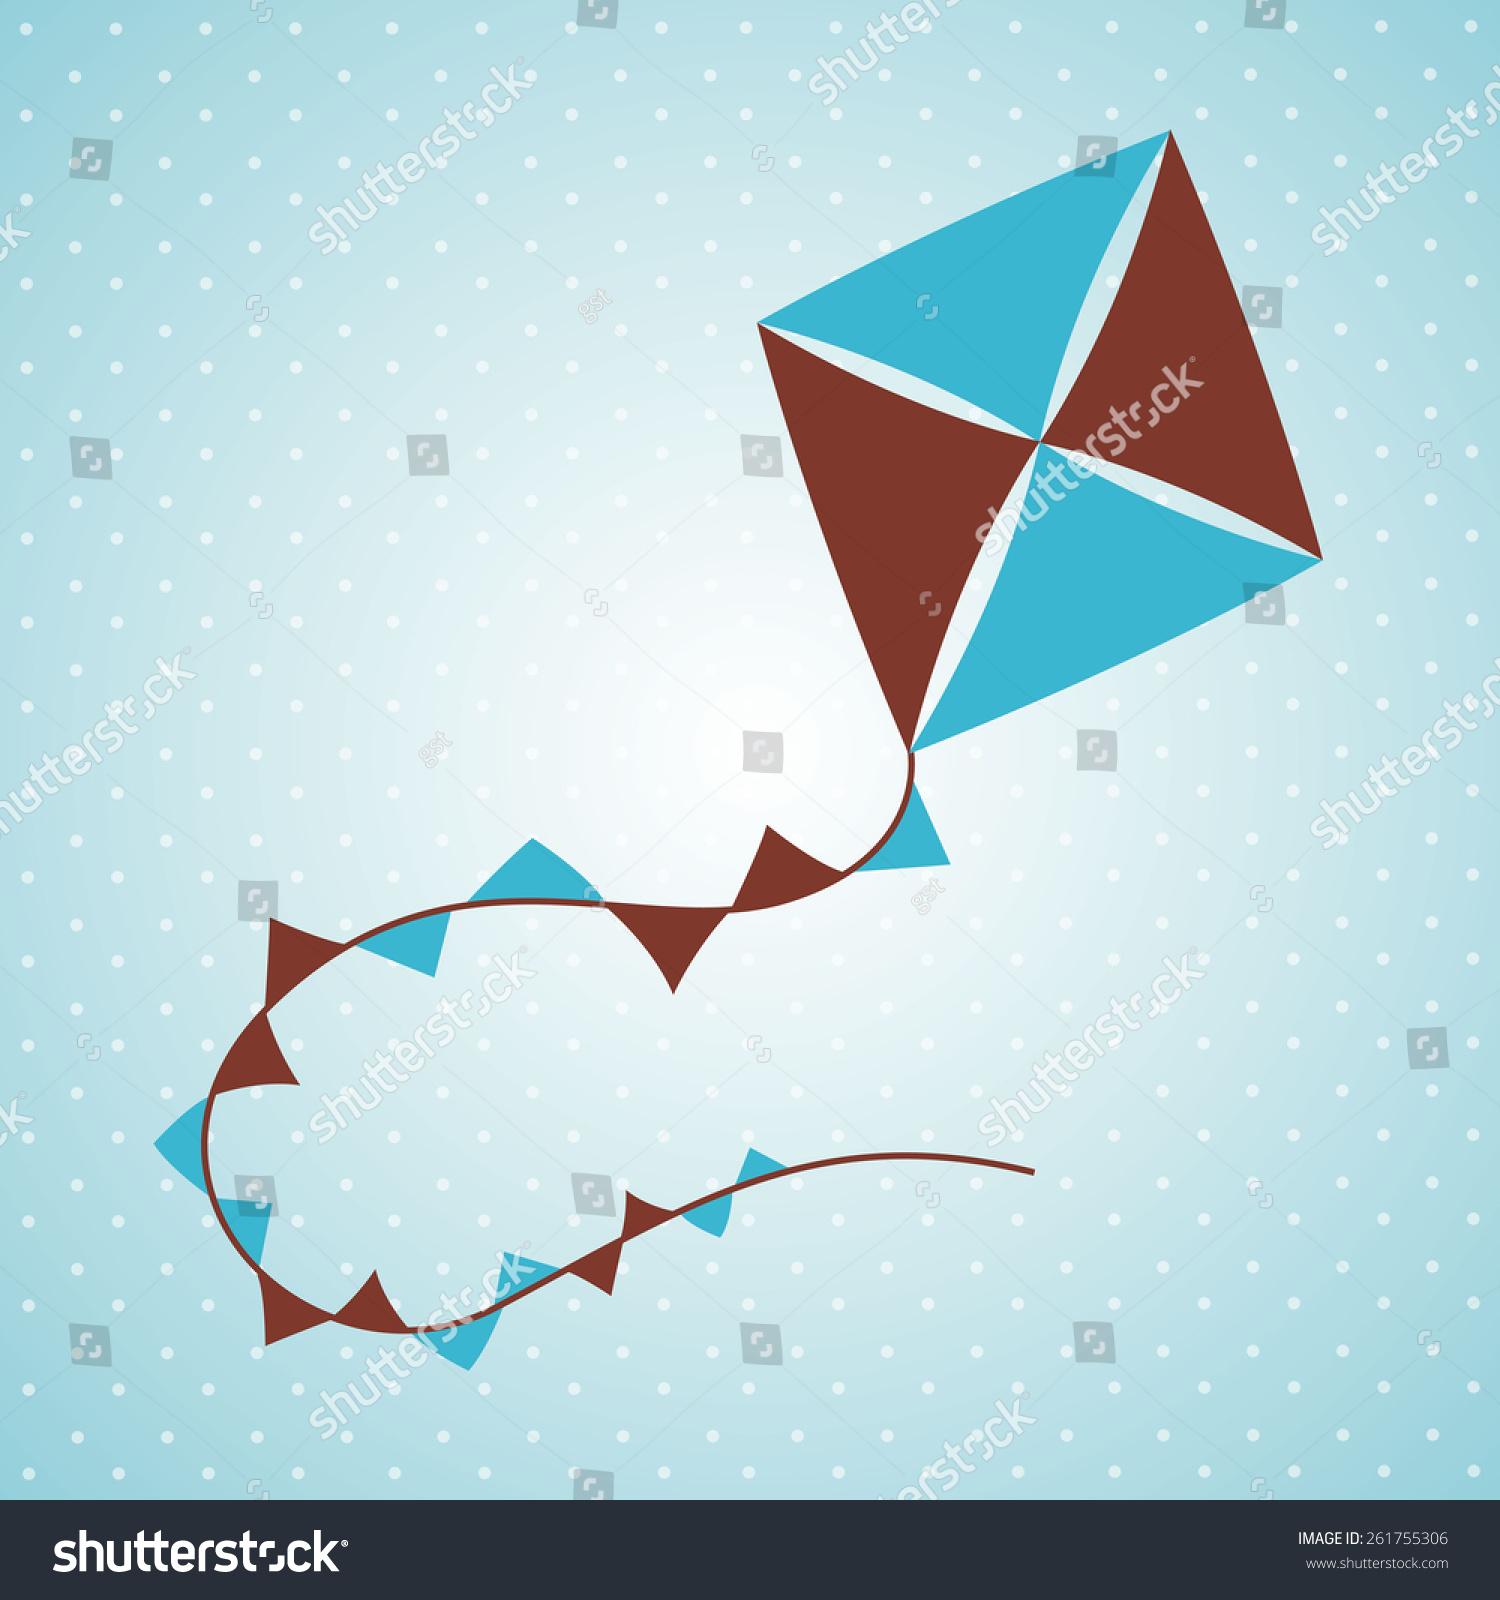 flying kite illustration - photo #48